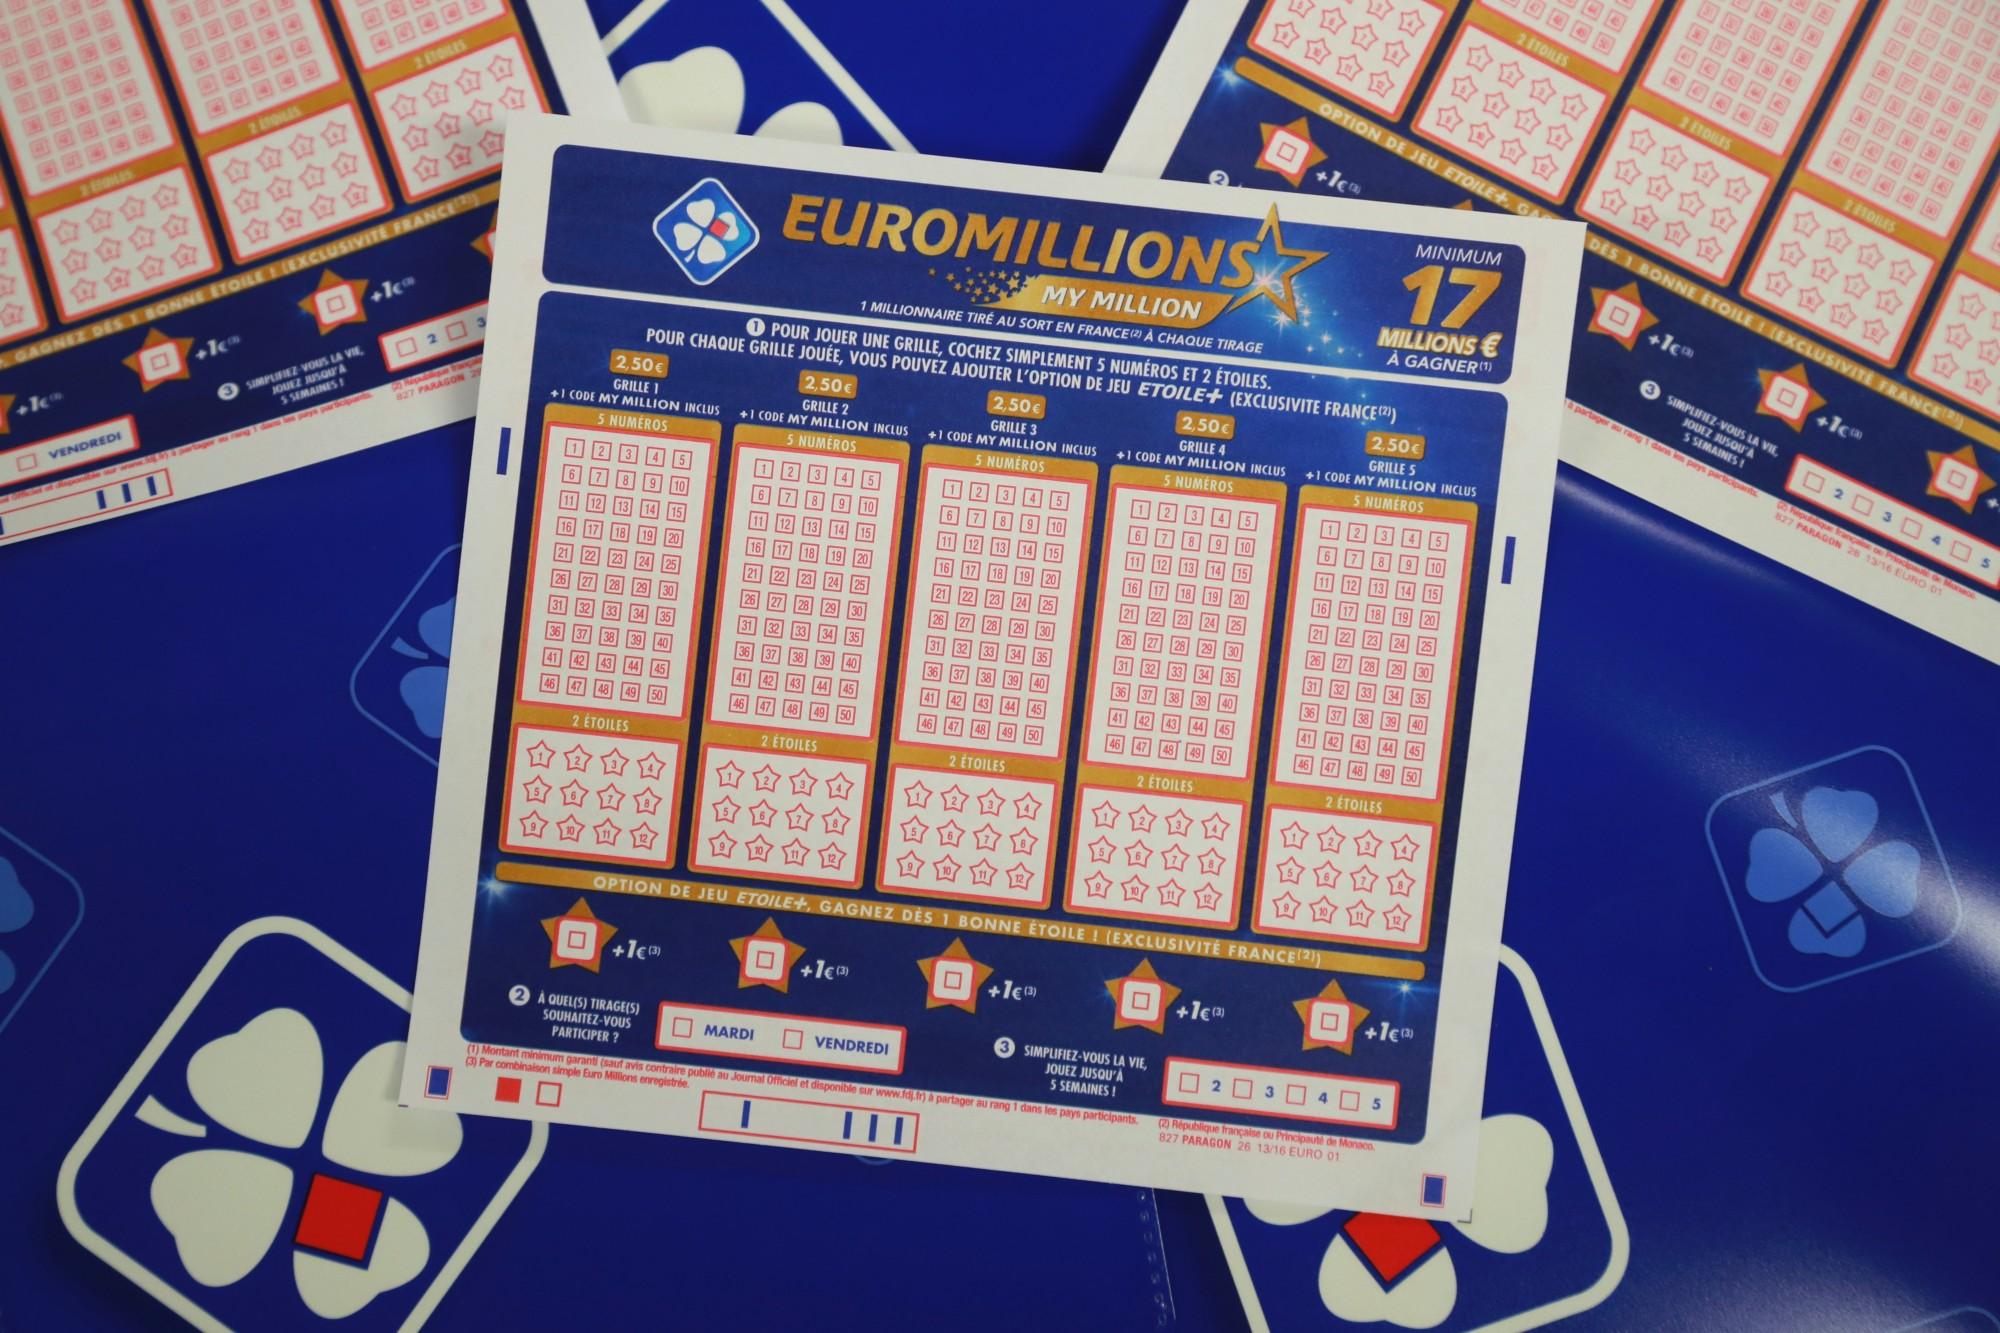 Résultat euromillions : tirage du mardi 23 juillet 2019